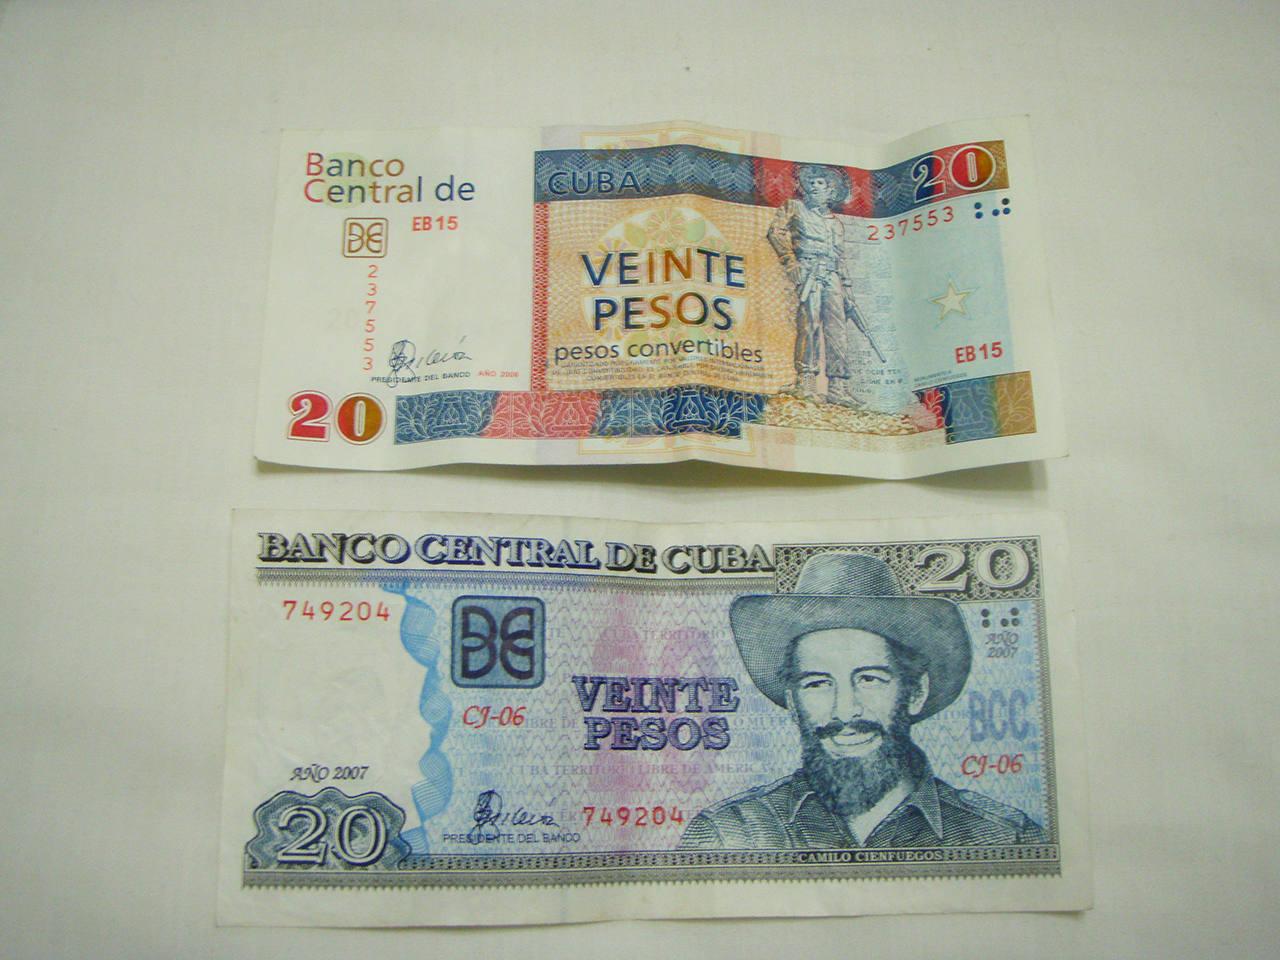 Сколько стоит поездка на Кубу на двоих